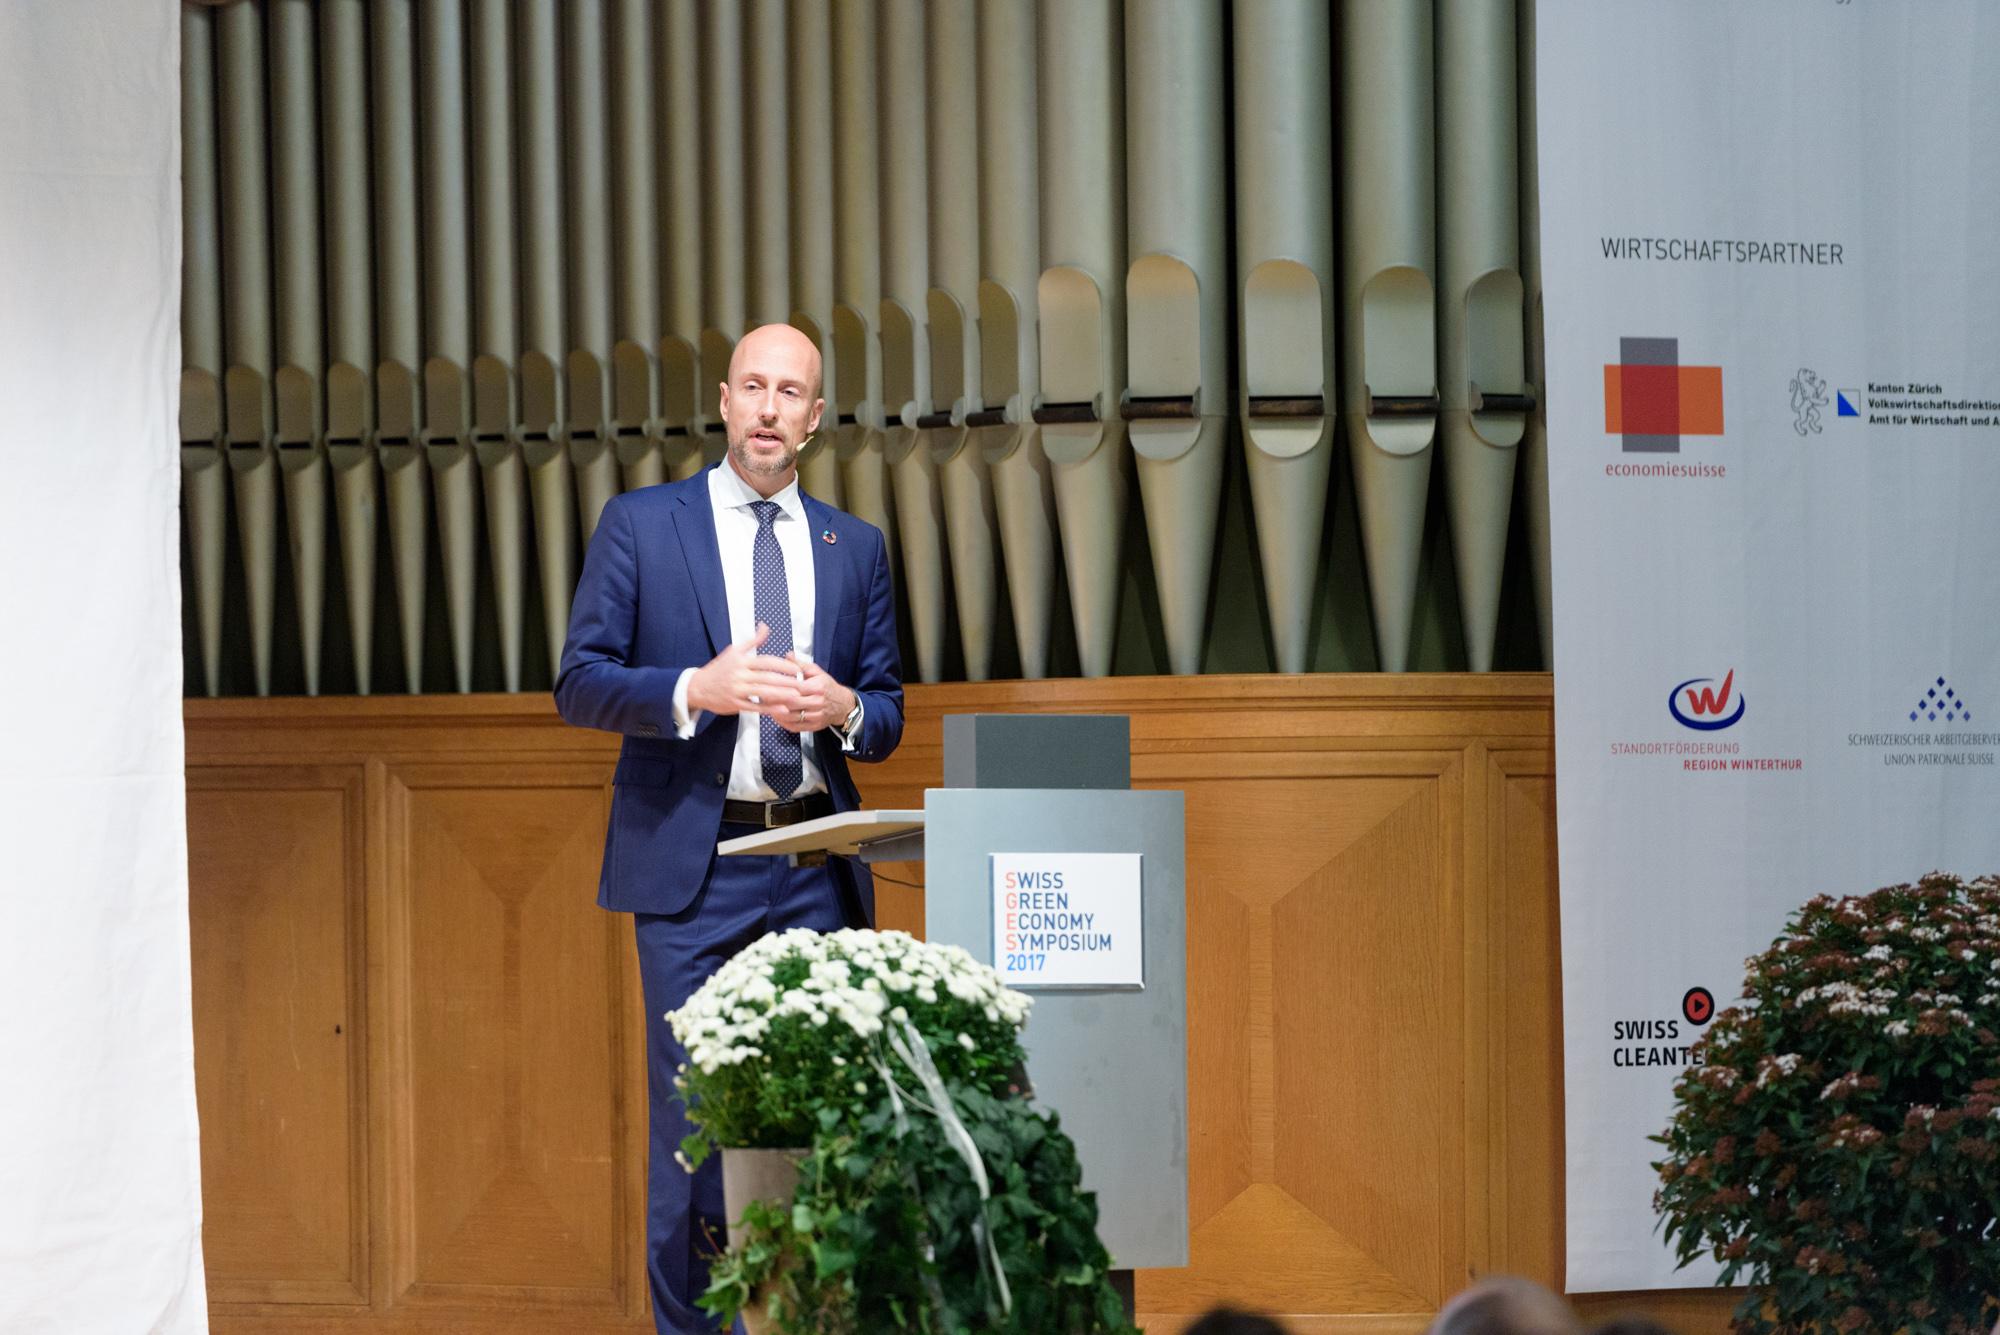 Botschafter Michael Gerber